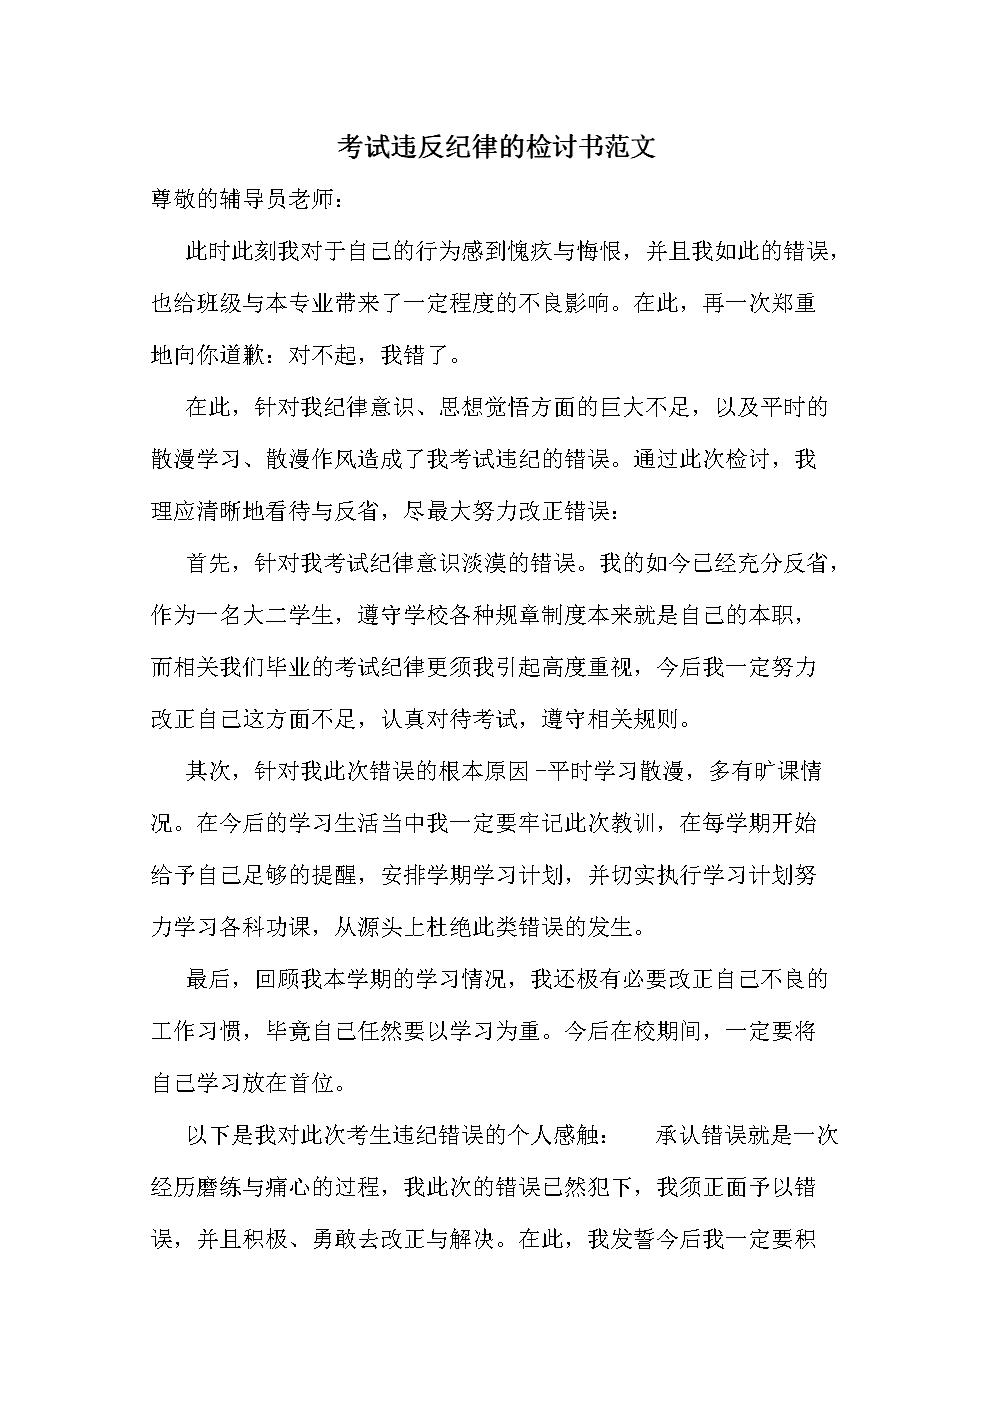 考试违反纪律的检讨书.doc